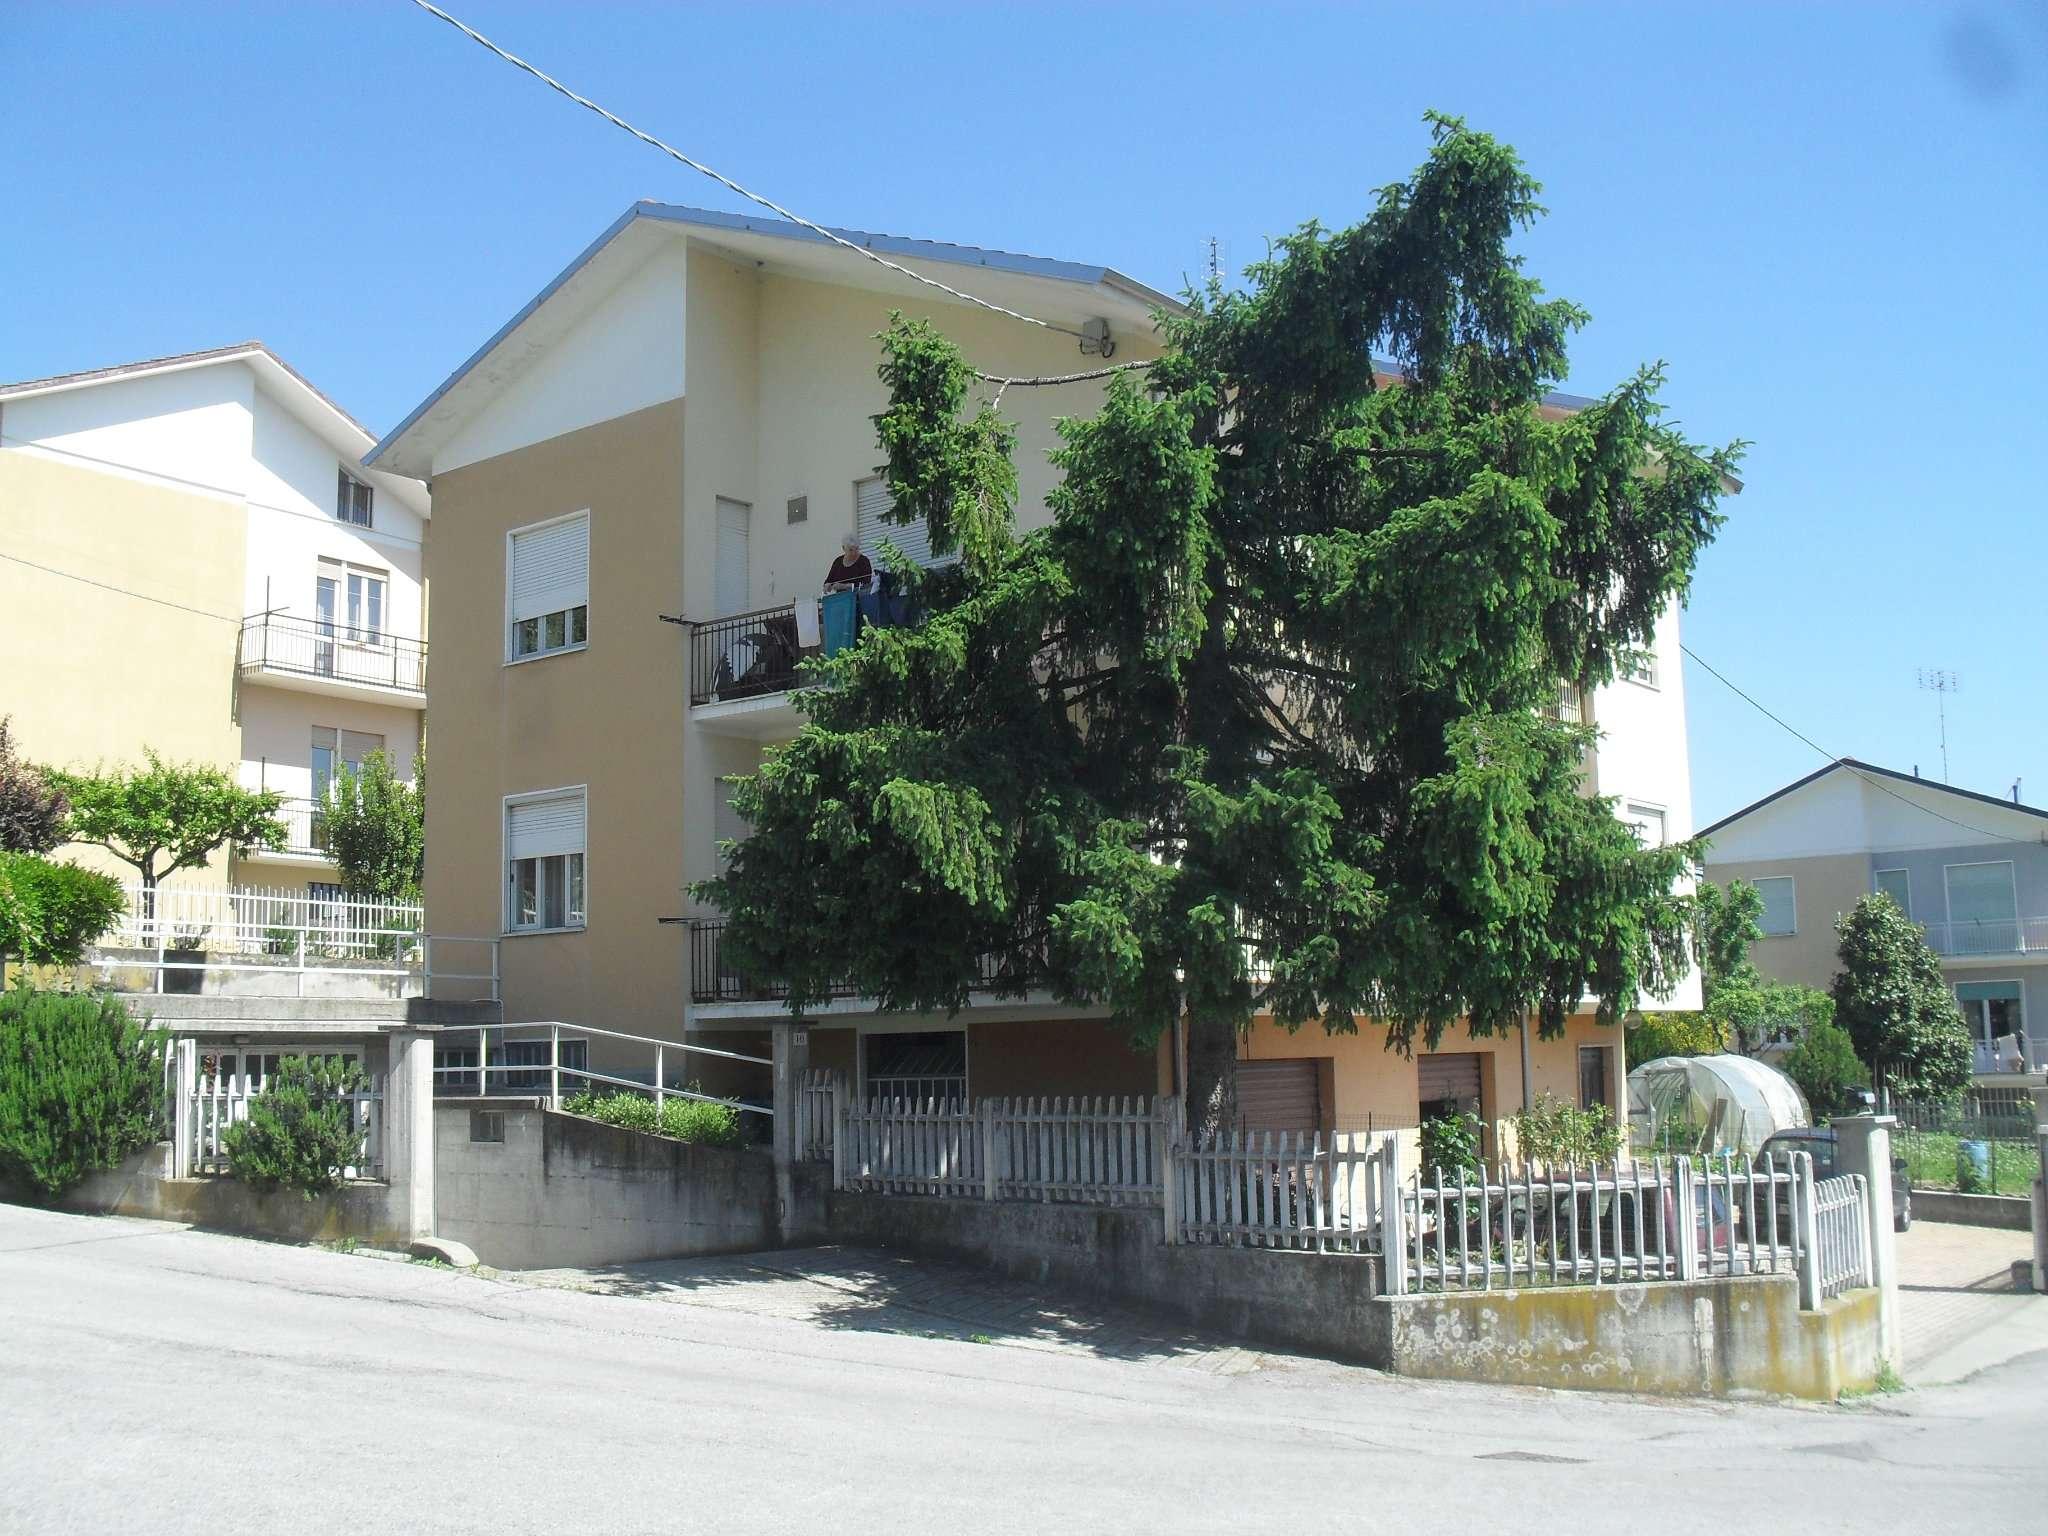 Soluzione Indipendente in vendita a Mondovì, 20 locali, prezzo € 390.000   CambioCasa.it